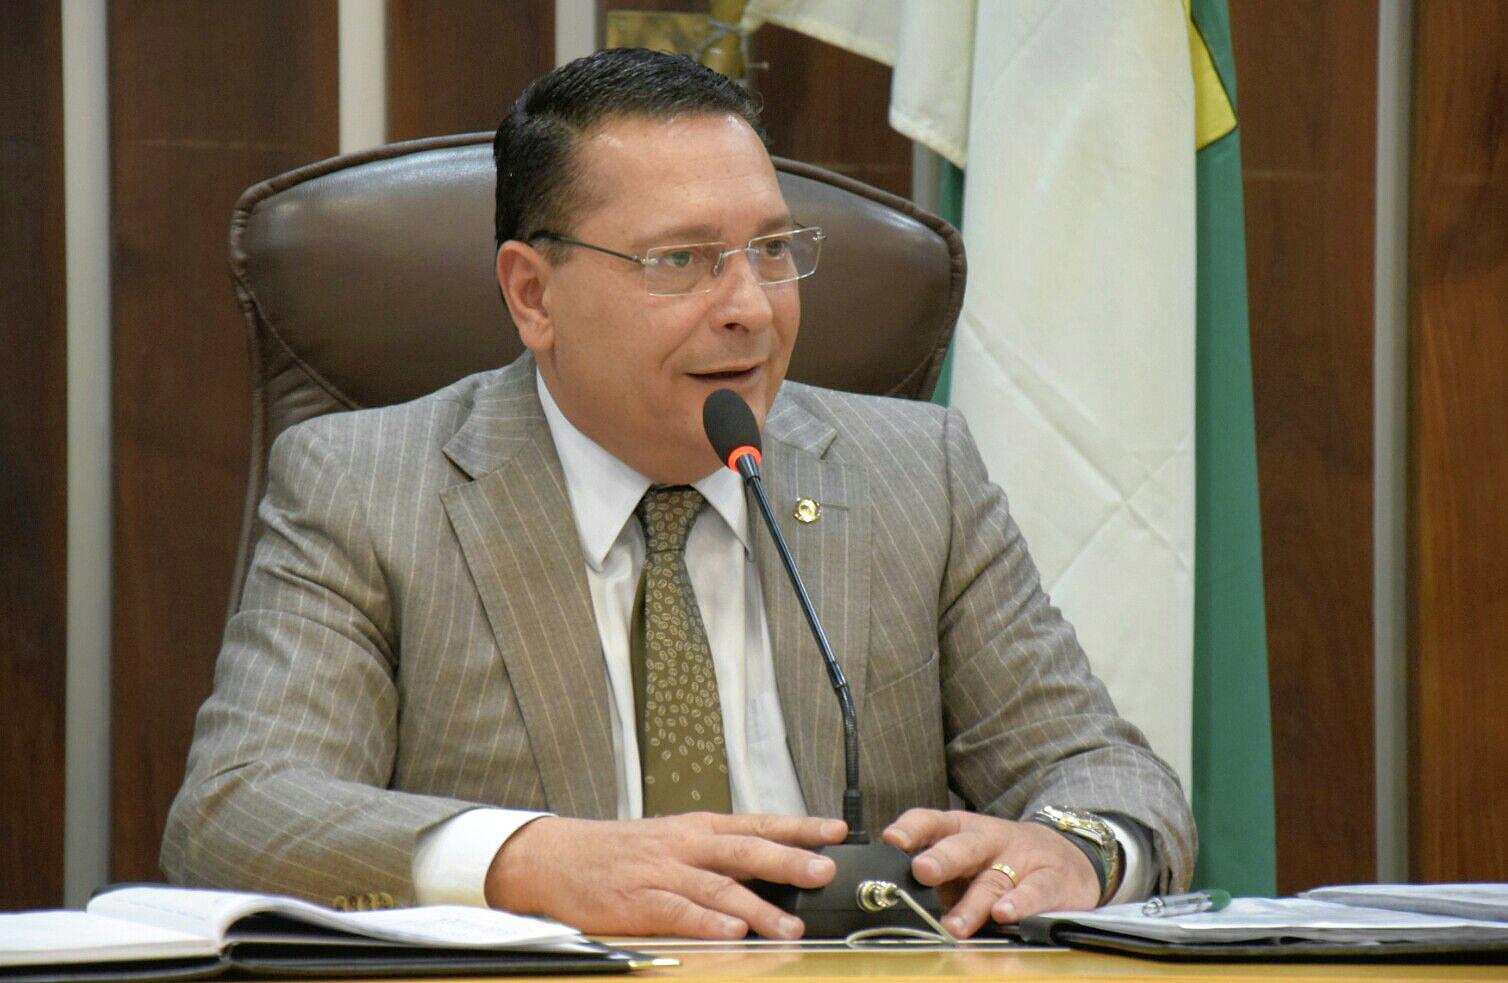 Ministério Público apura prática de nepotismo na Assembleia Legislativa